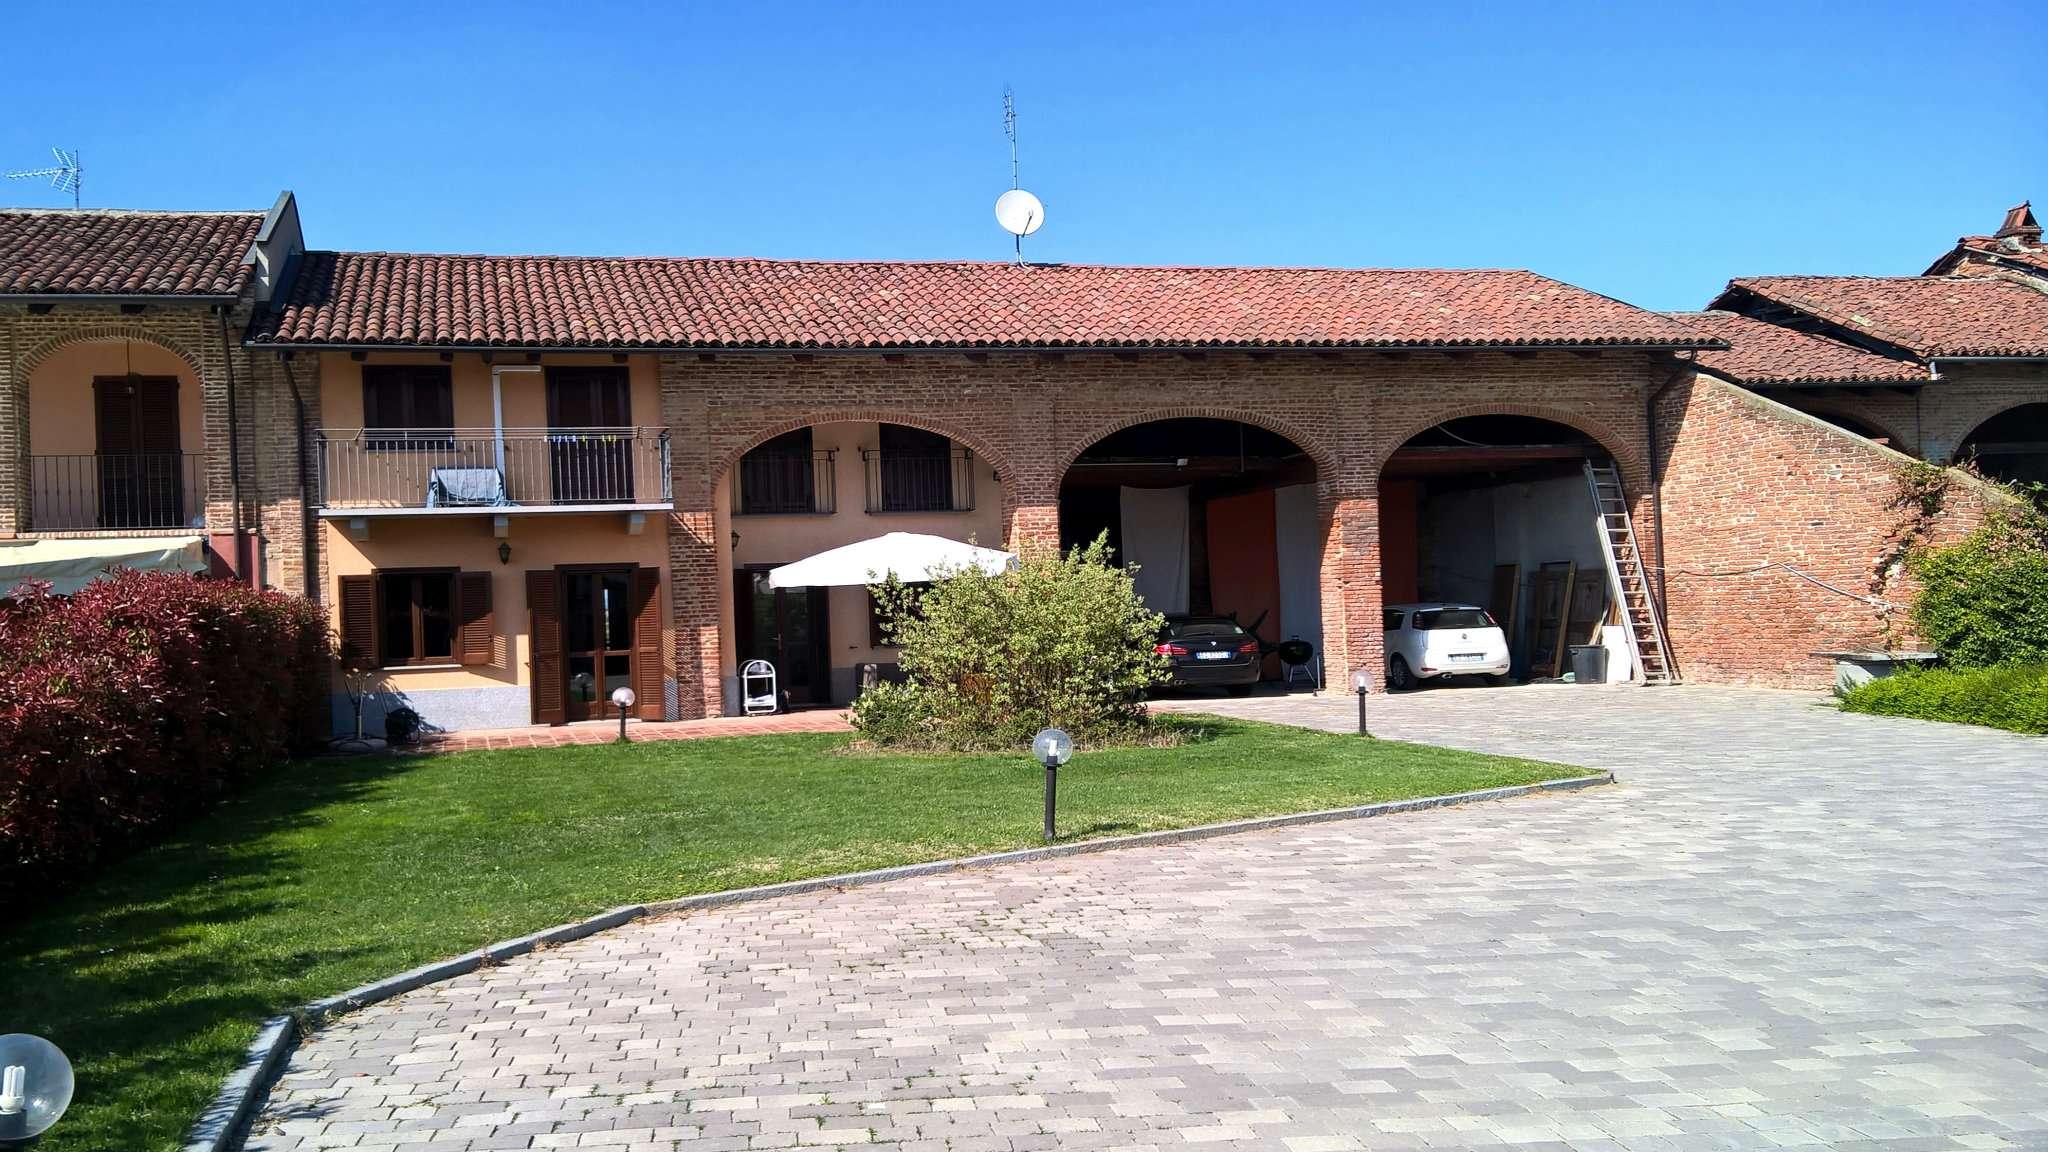 Villa in vendita a Villanova d'Asti, 10 locali, prezzo € 300.000 | Cambio Casa.it